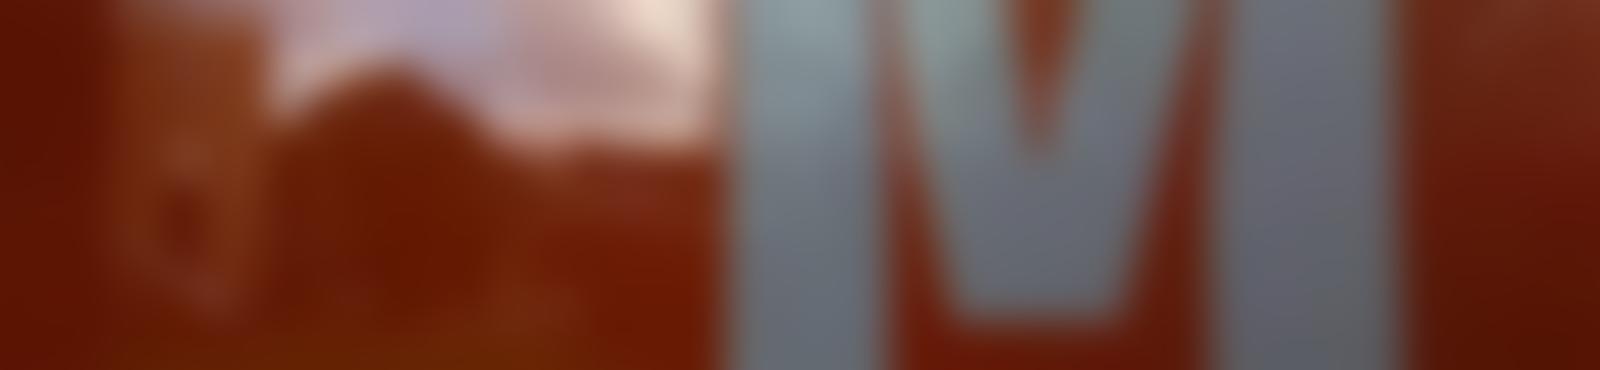 Blurred 217964 317193298377676 340780580 n